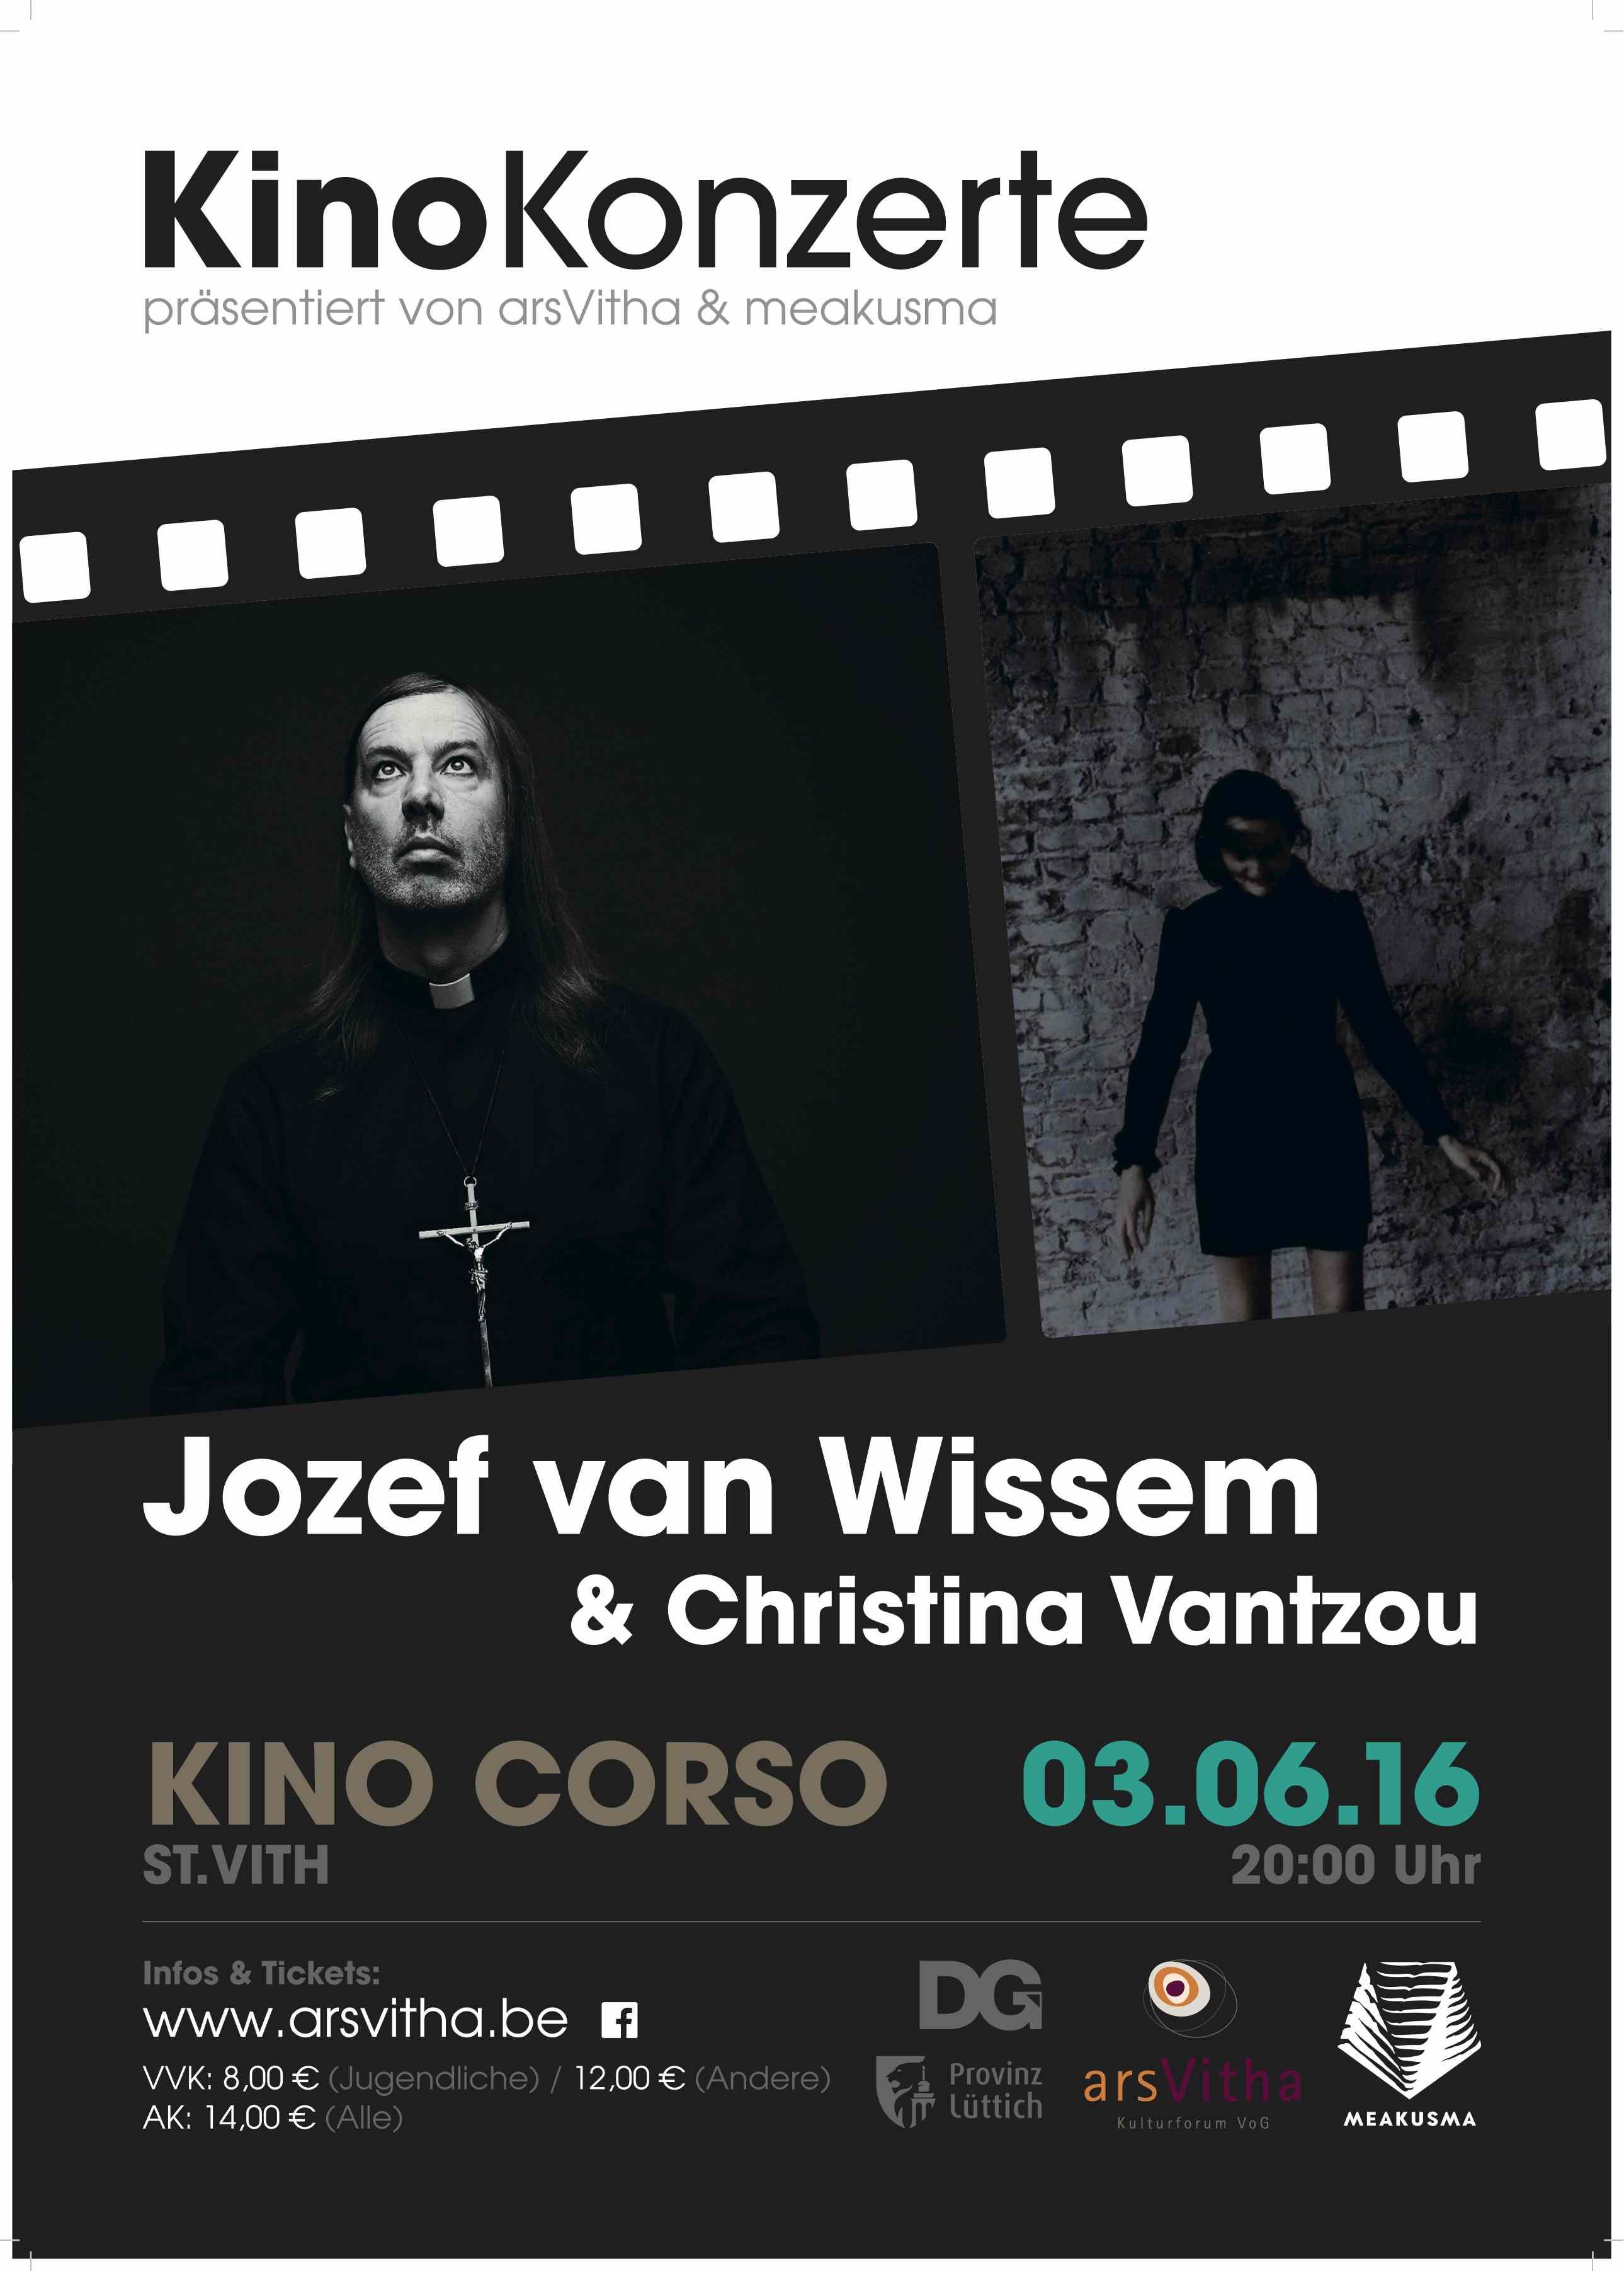 Kino Corso